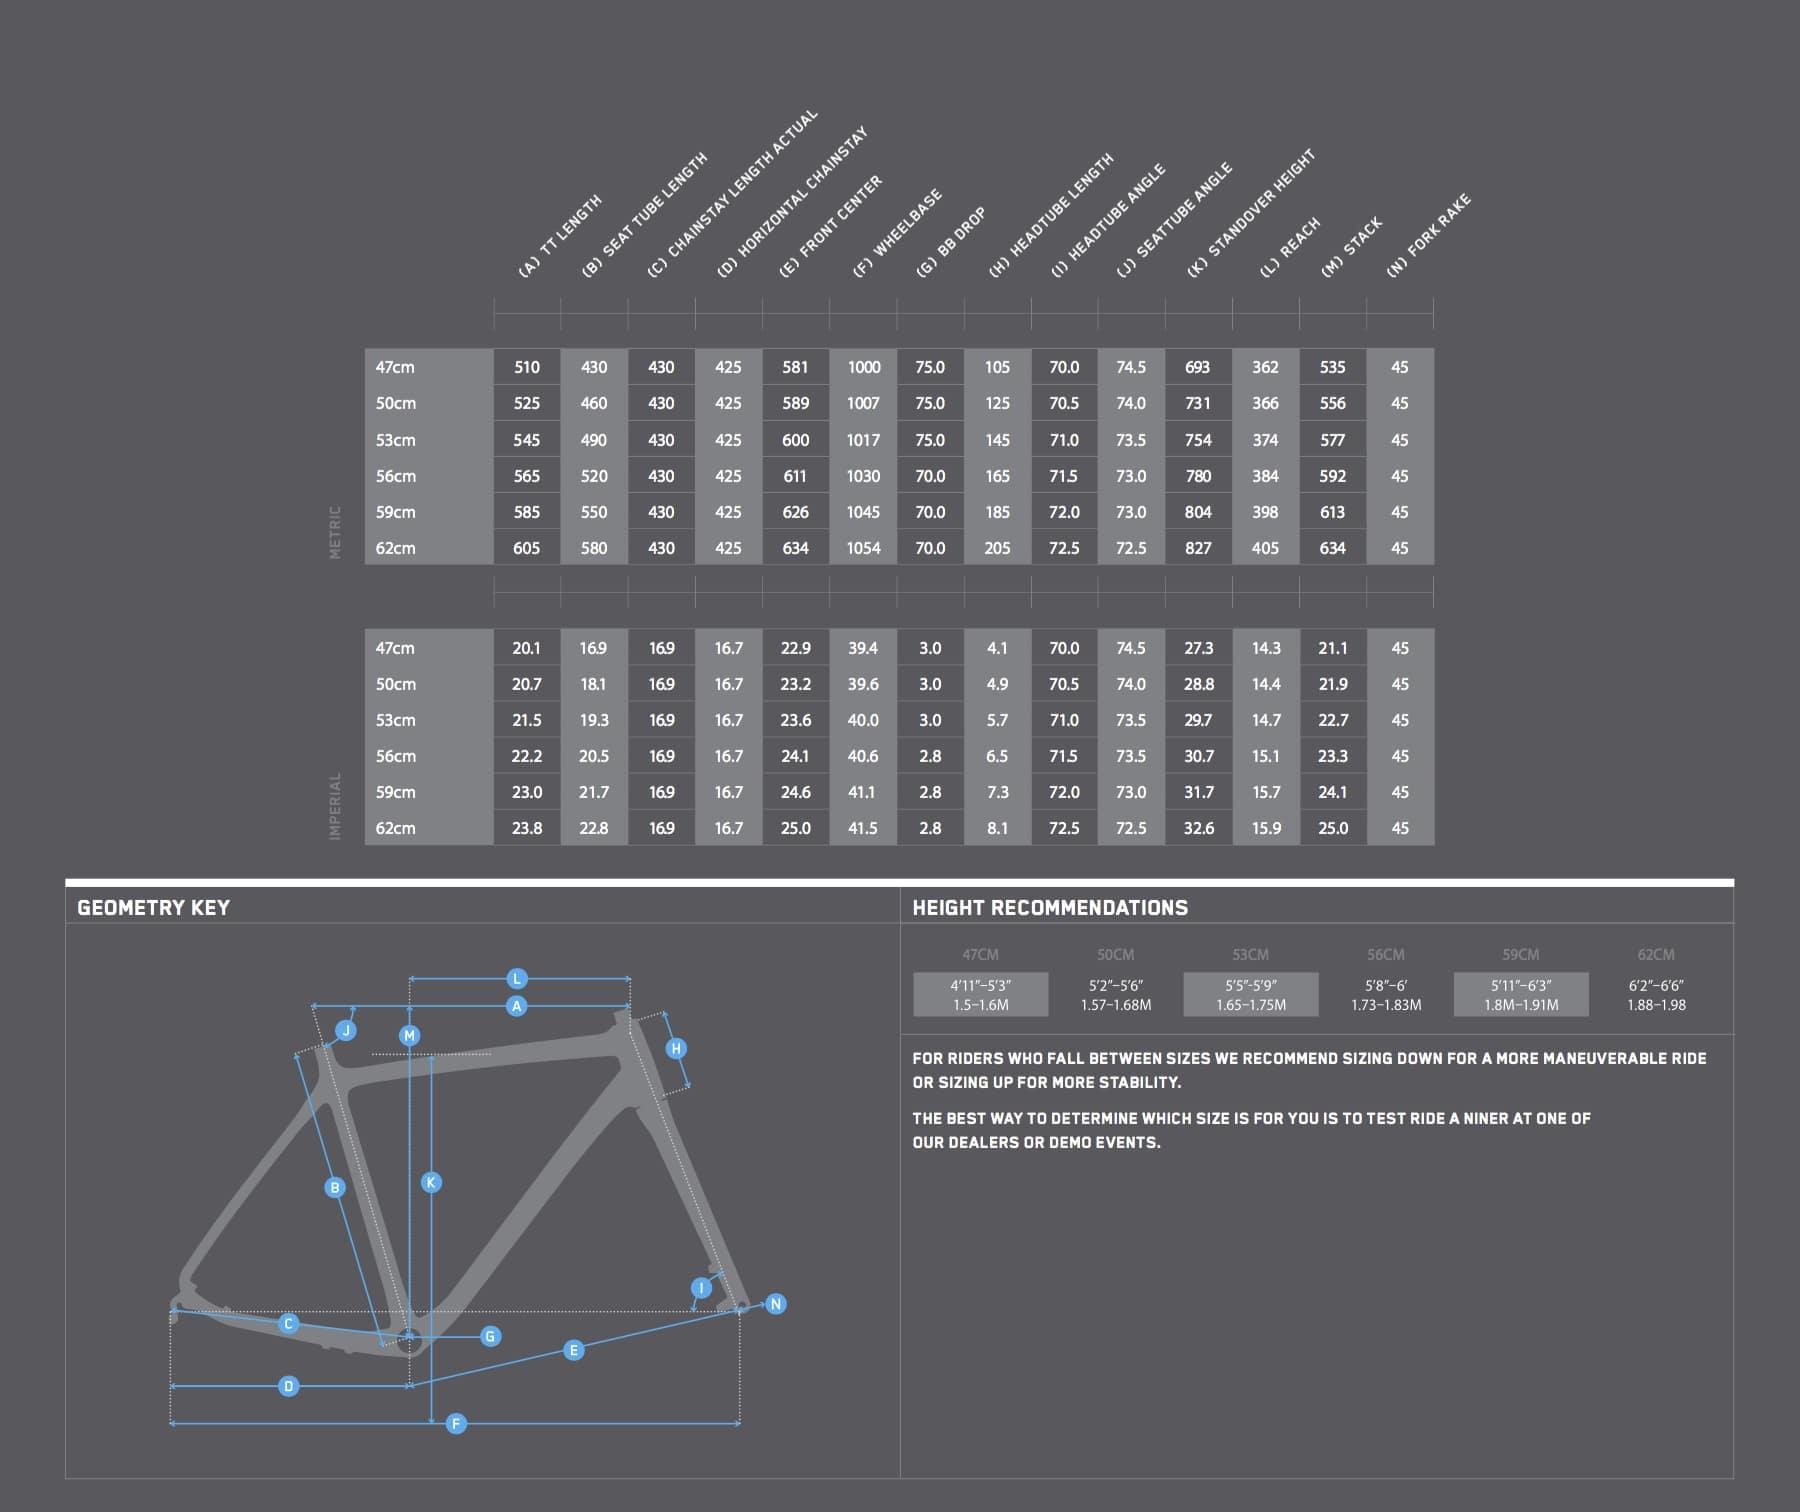 tech specs for the RLT 9 RDO gravel bike